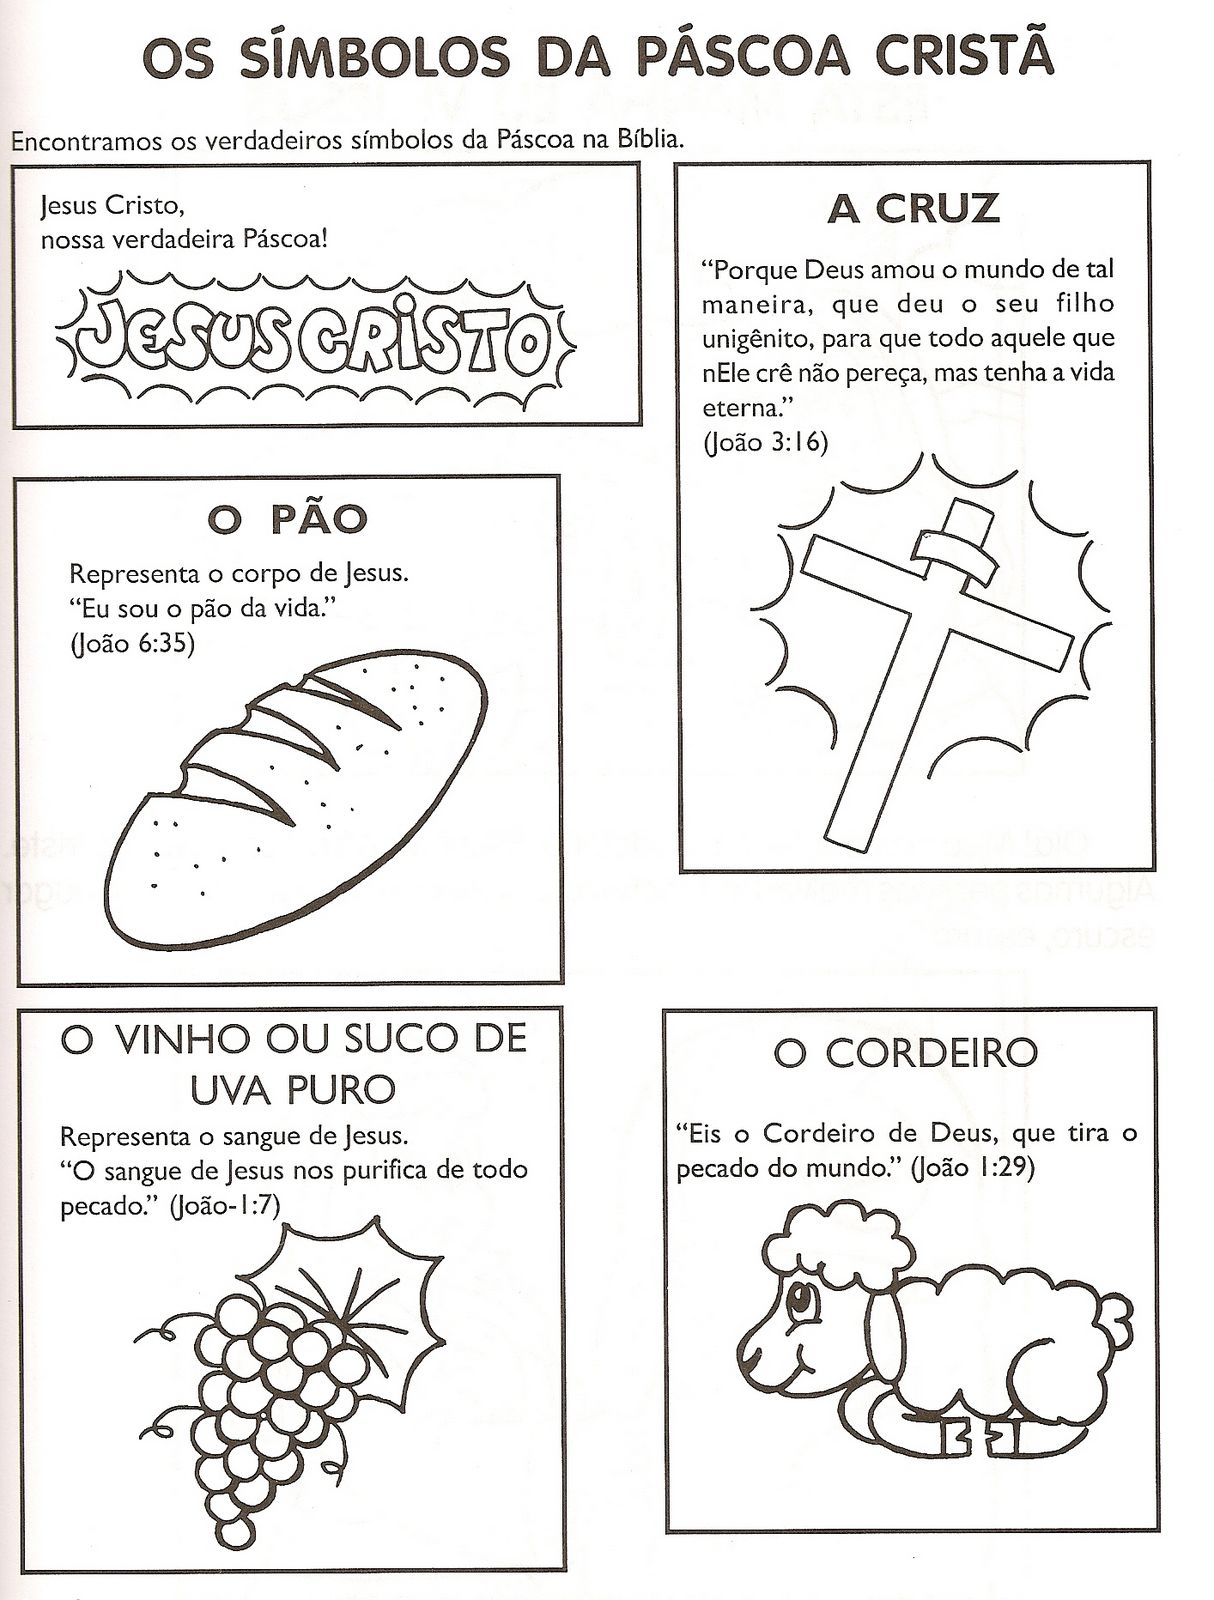 Colorir - Símbolos da páscoa cristã